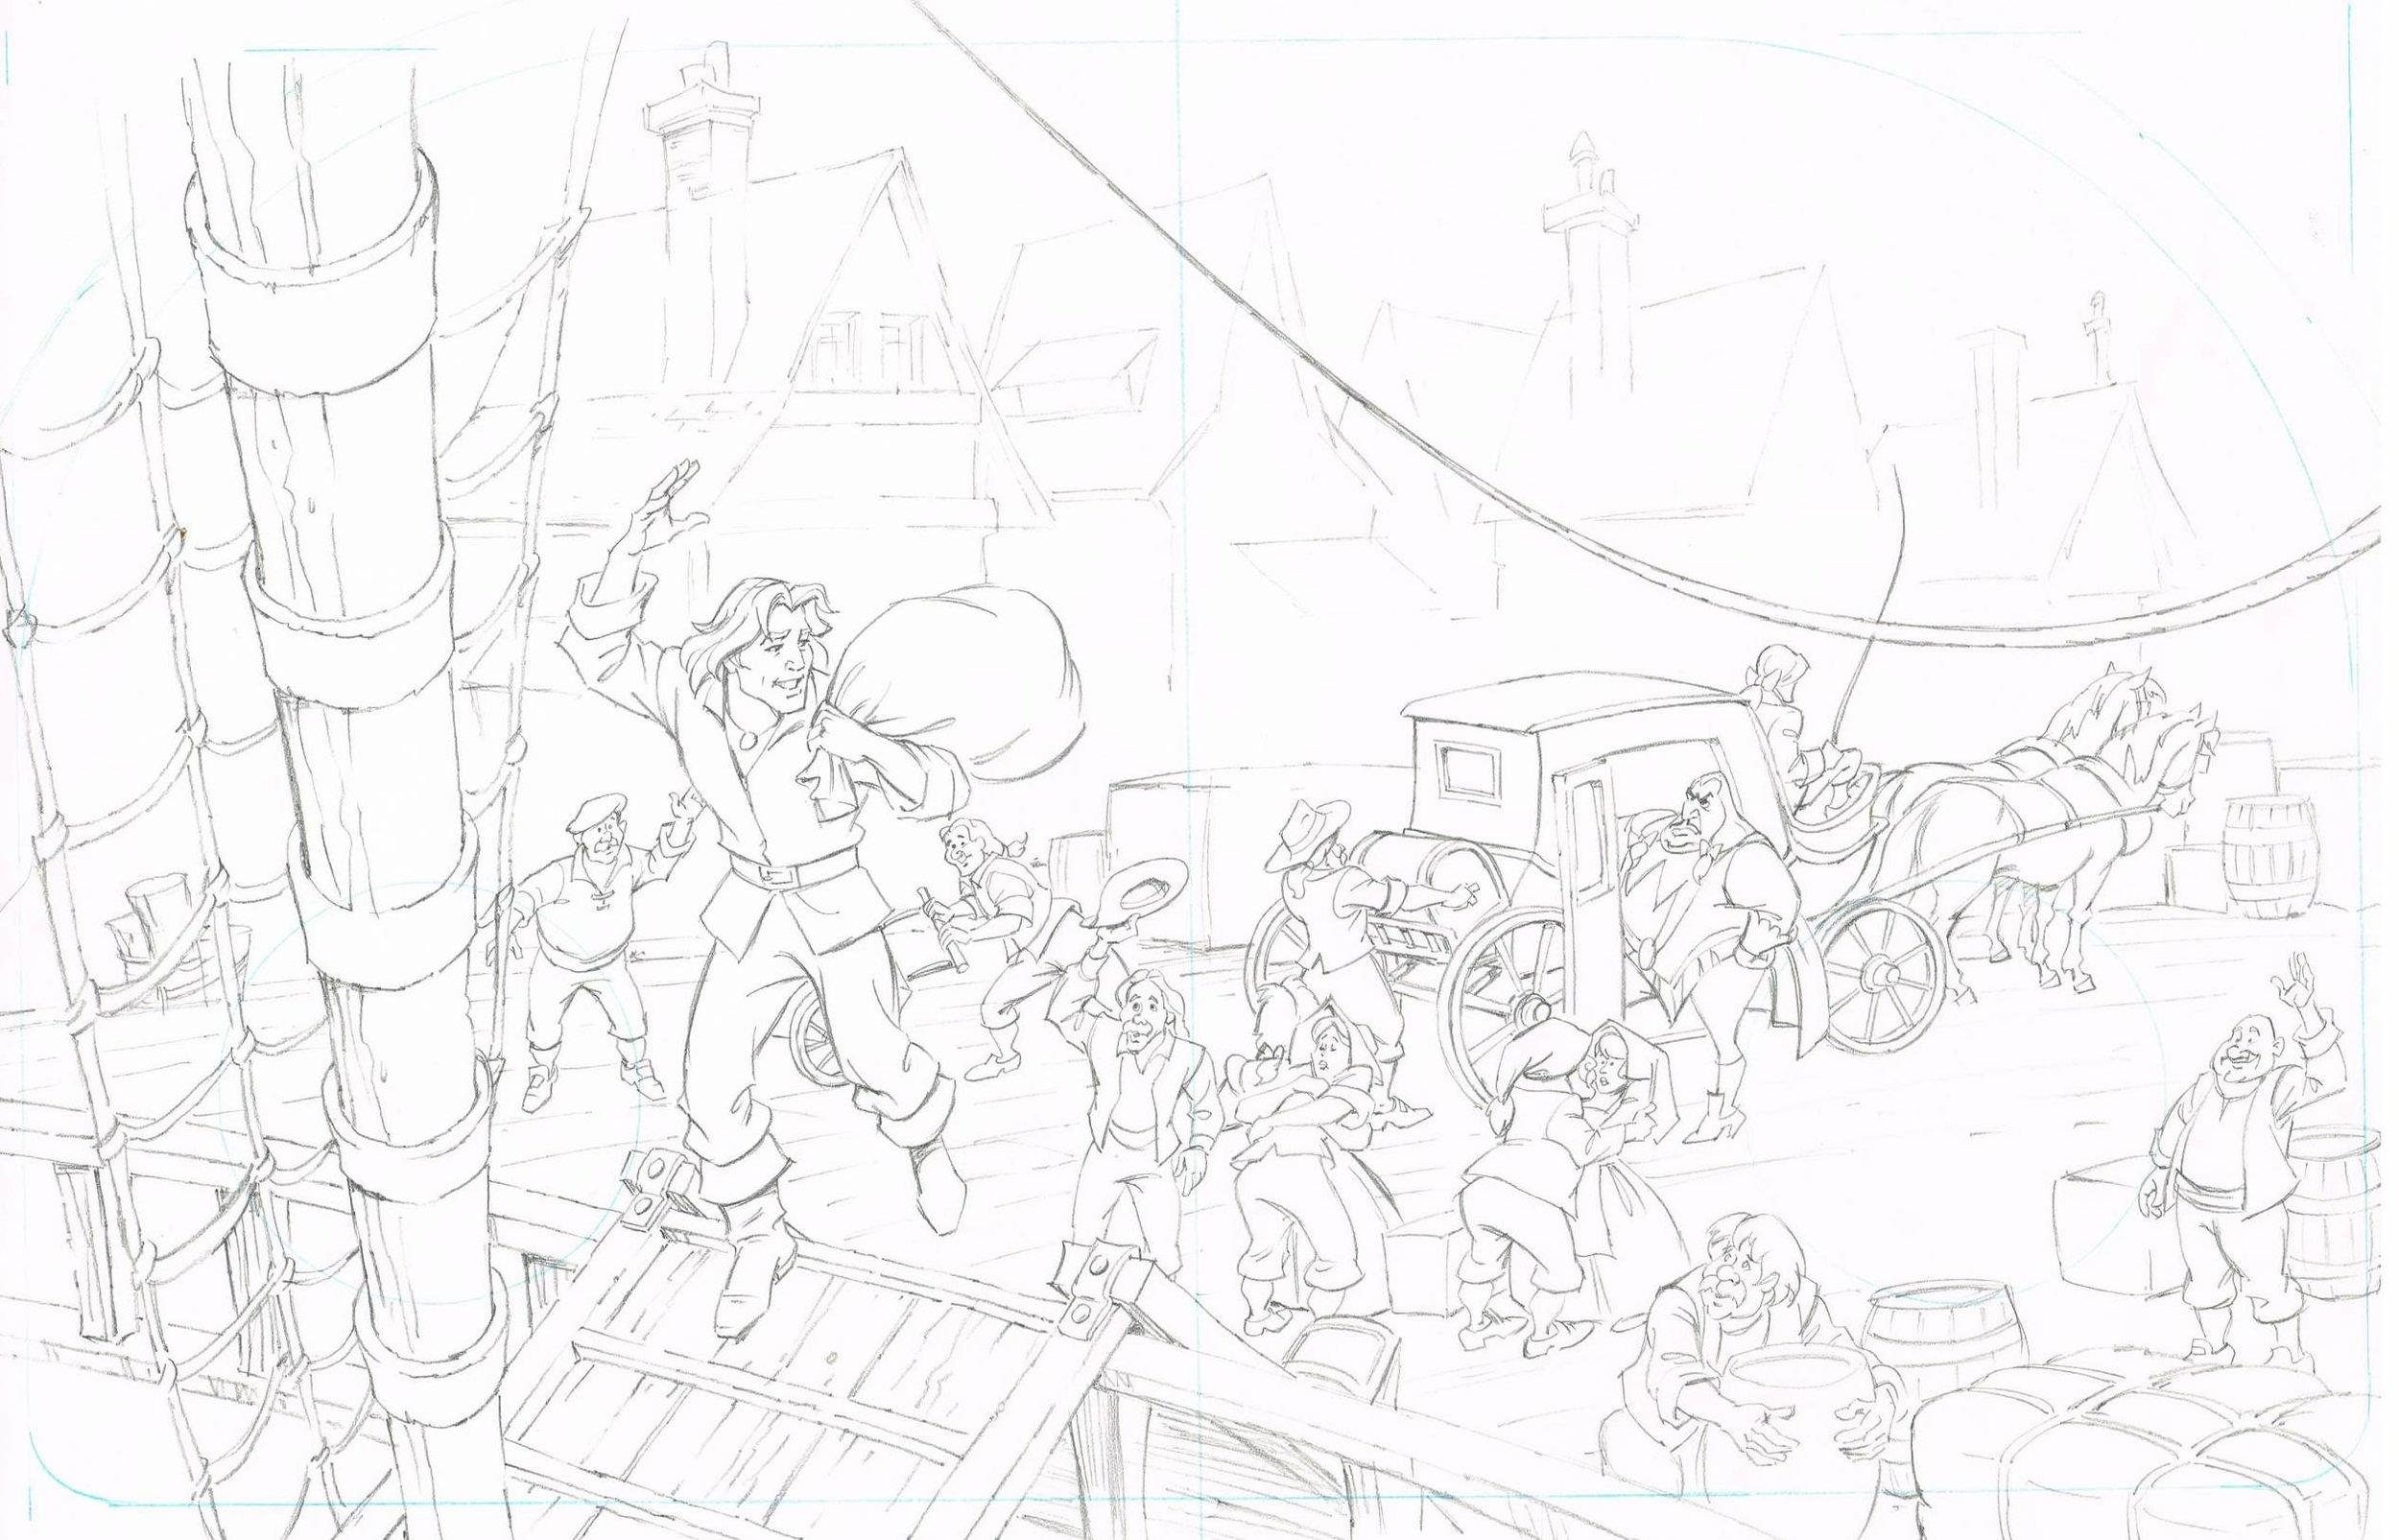 Original-Pocahontas-hand-drawn-concept-artwork-animation-cels-30519123-2560-1760.jpg